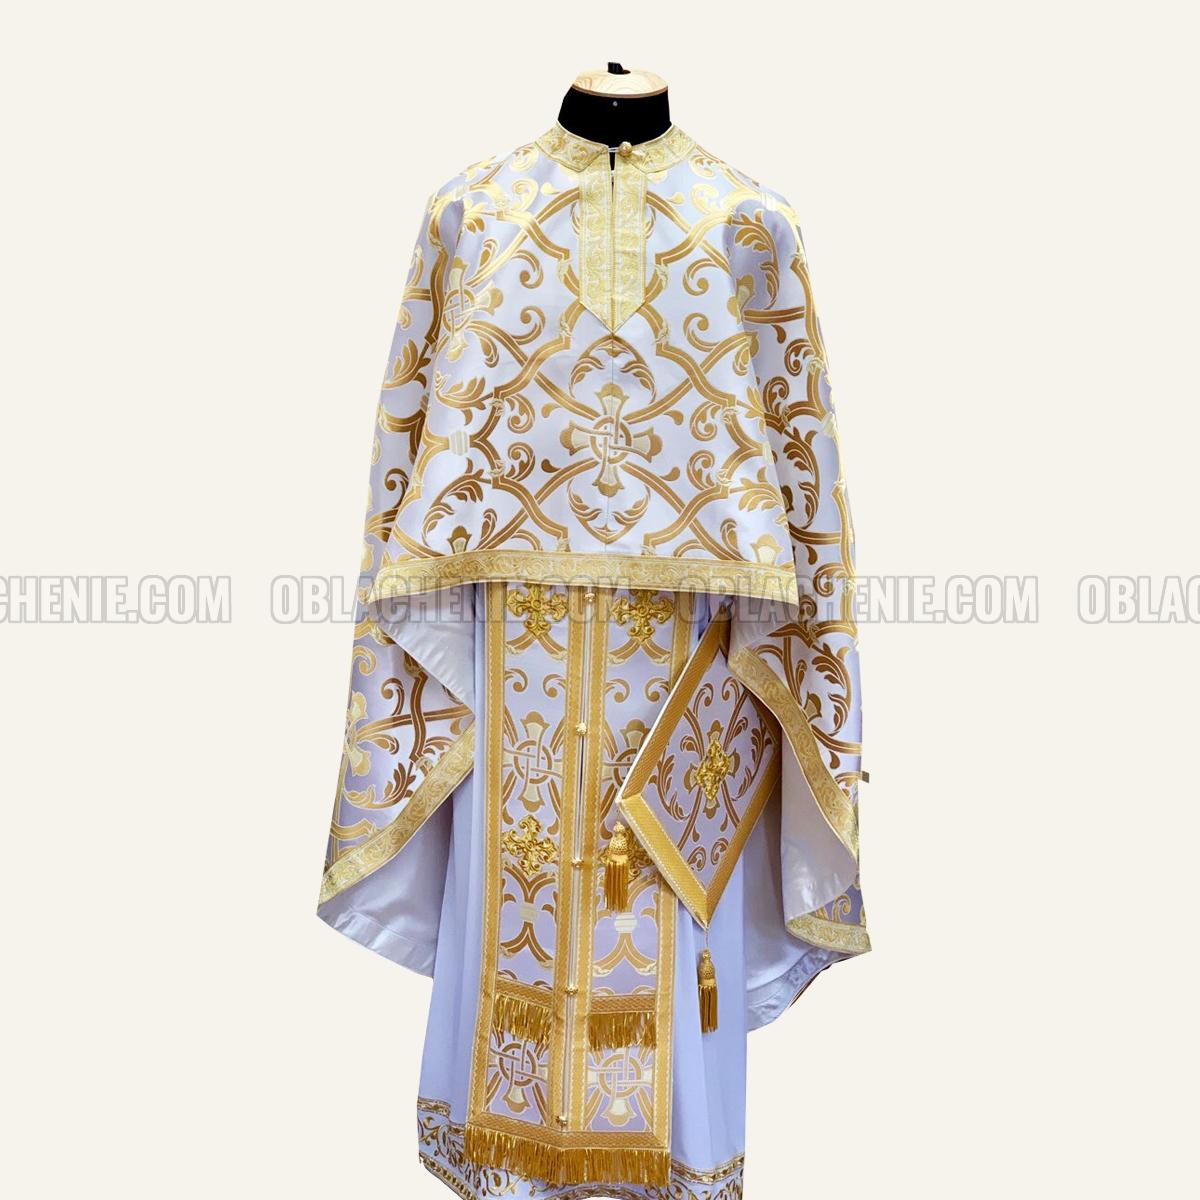 Priest's vestments 10163